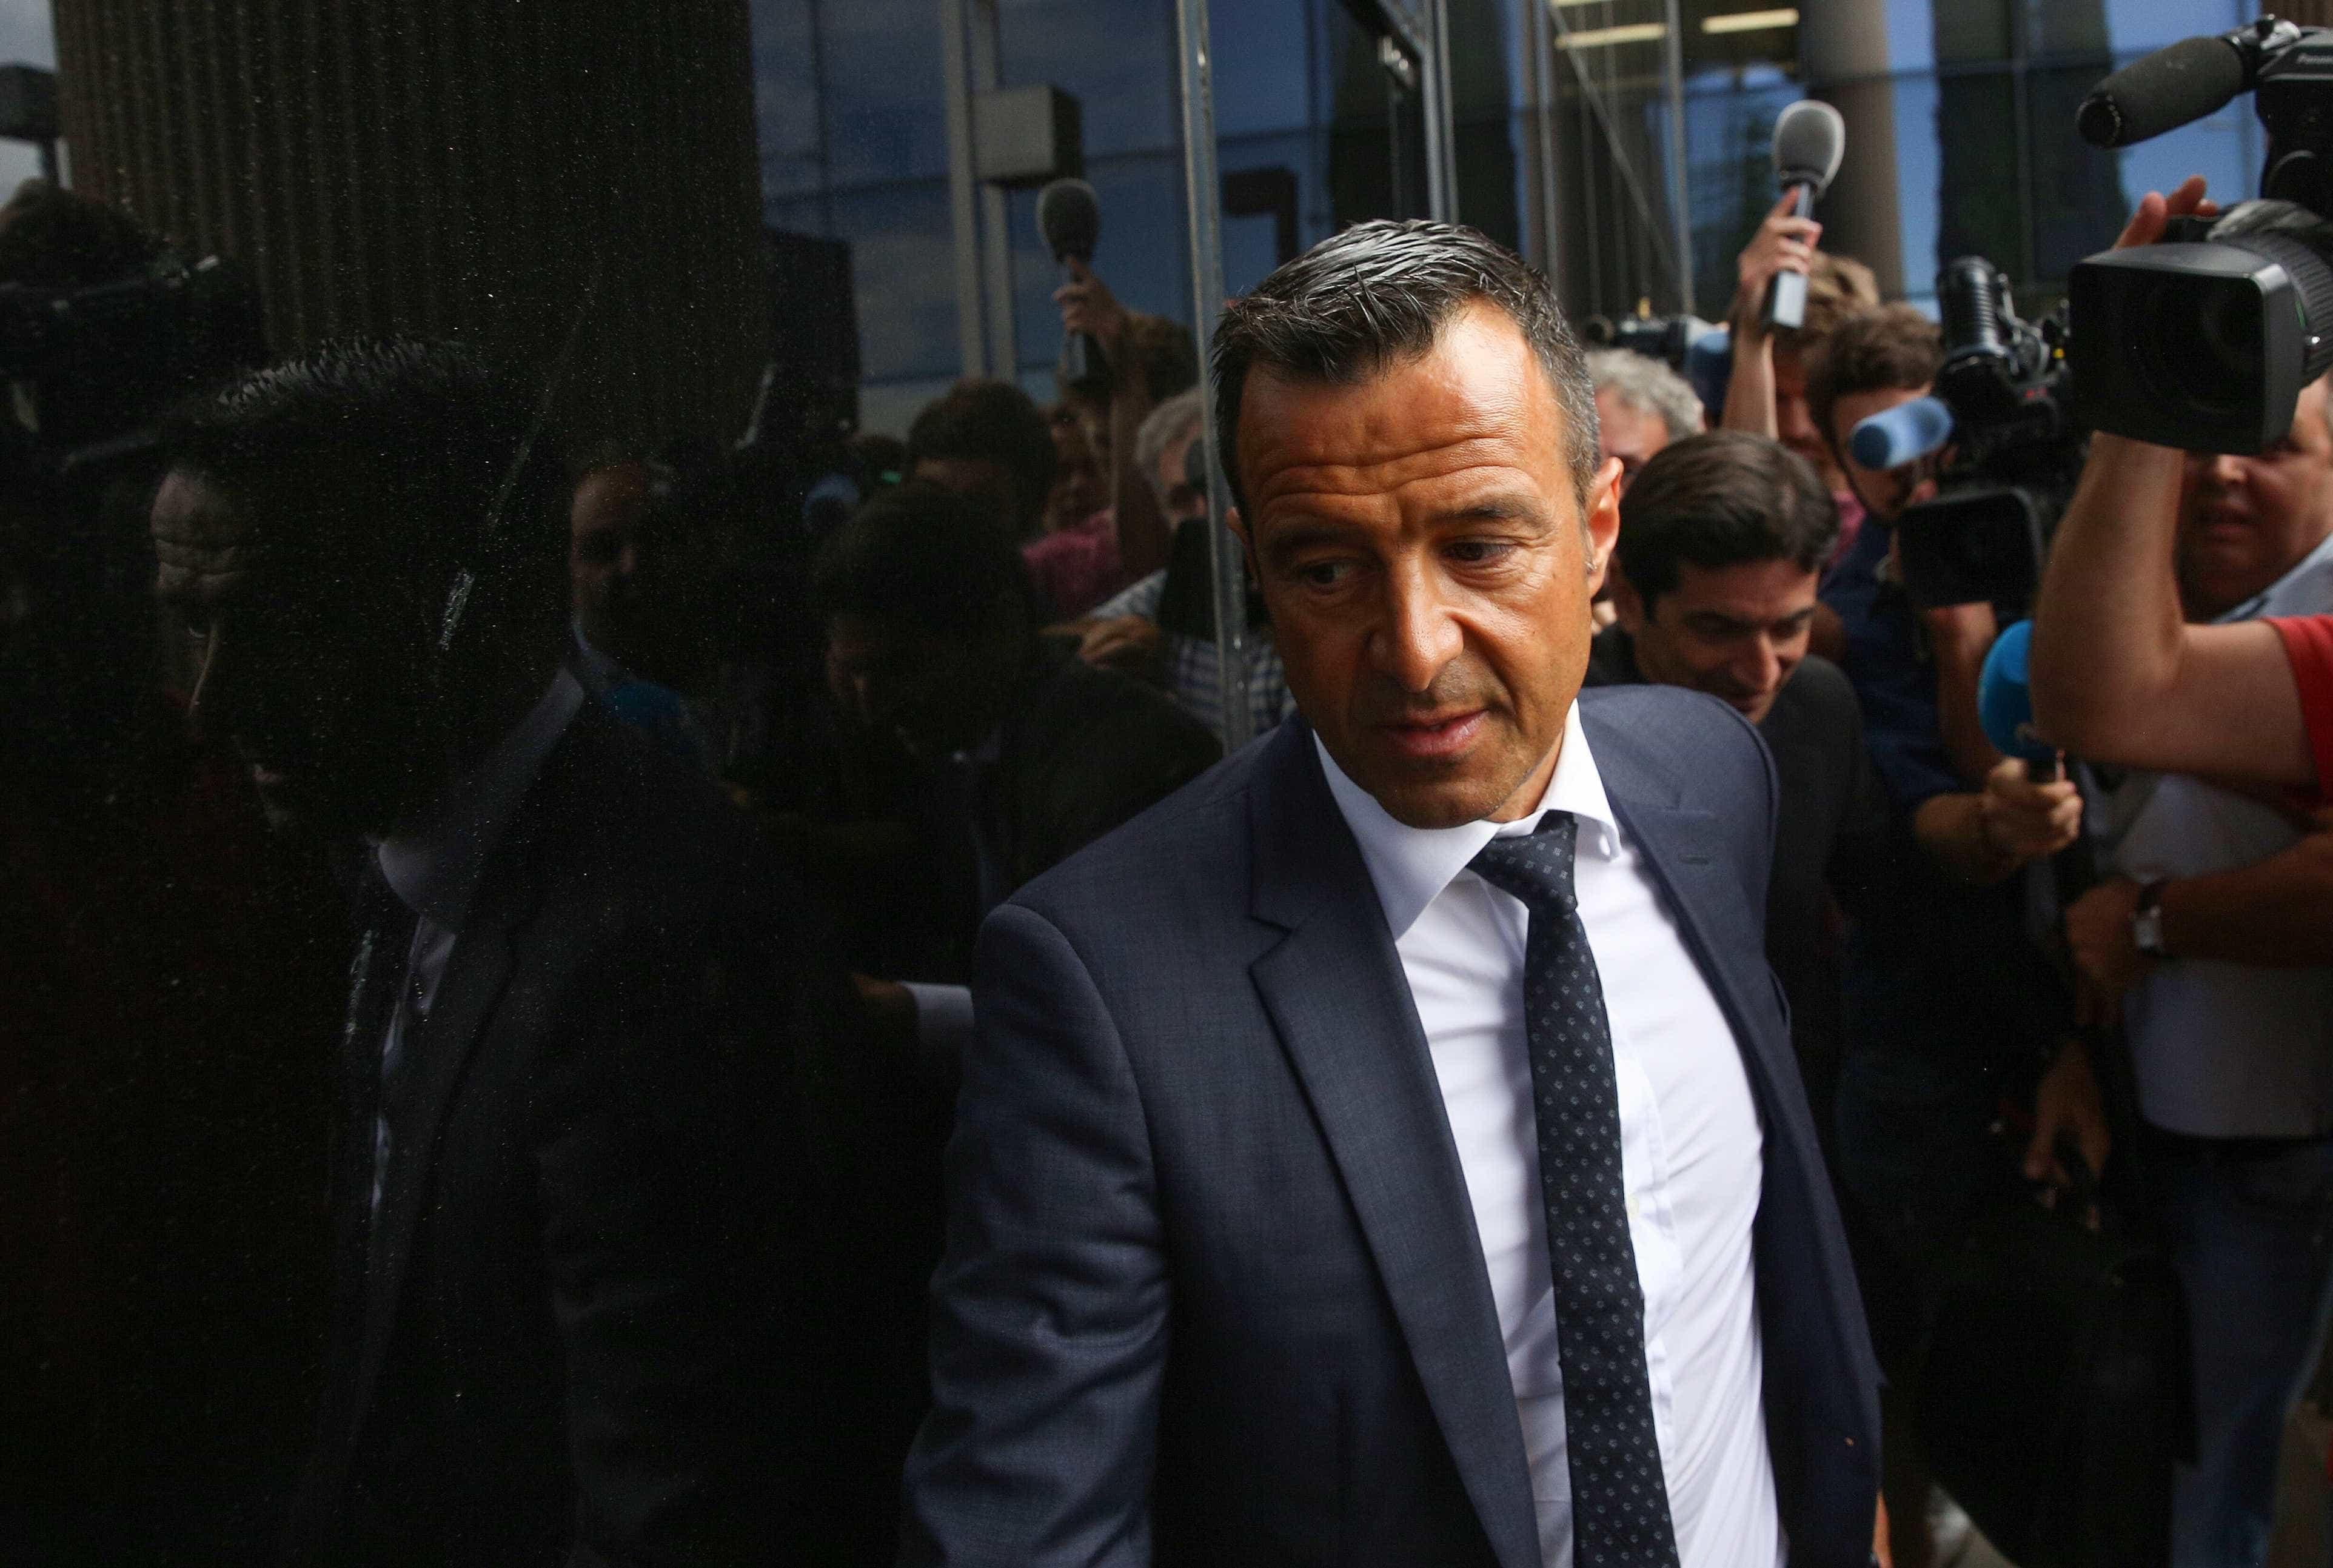 Jorge Mendes junta-se a Raiola e Barnett em 'luta' contra a FIFA